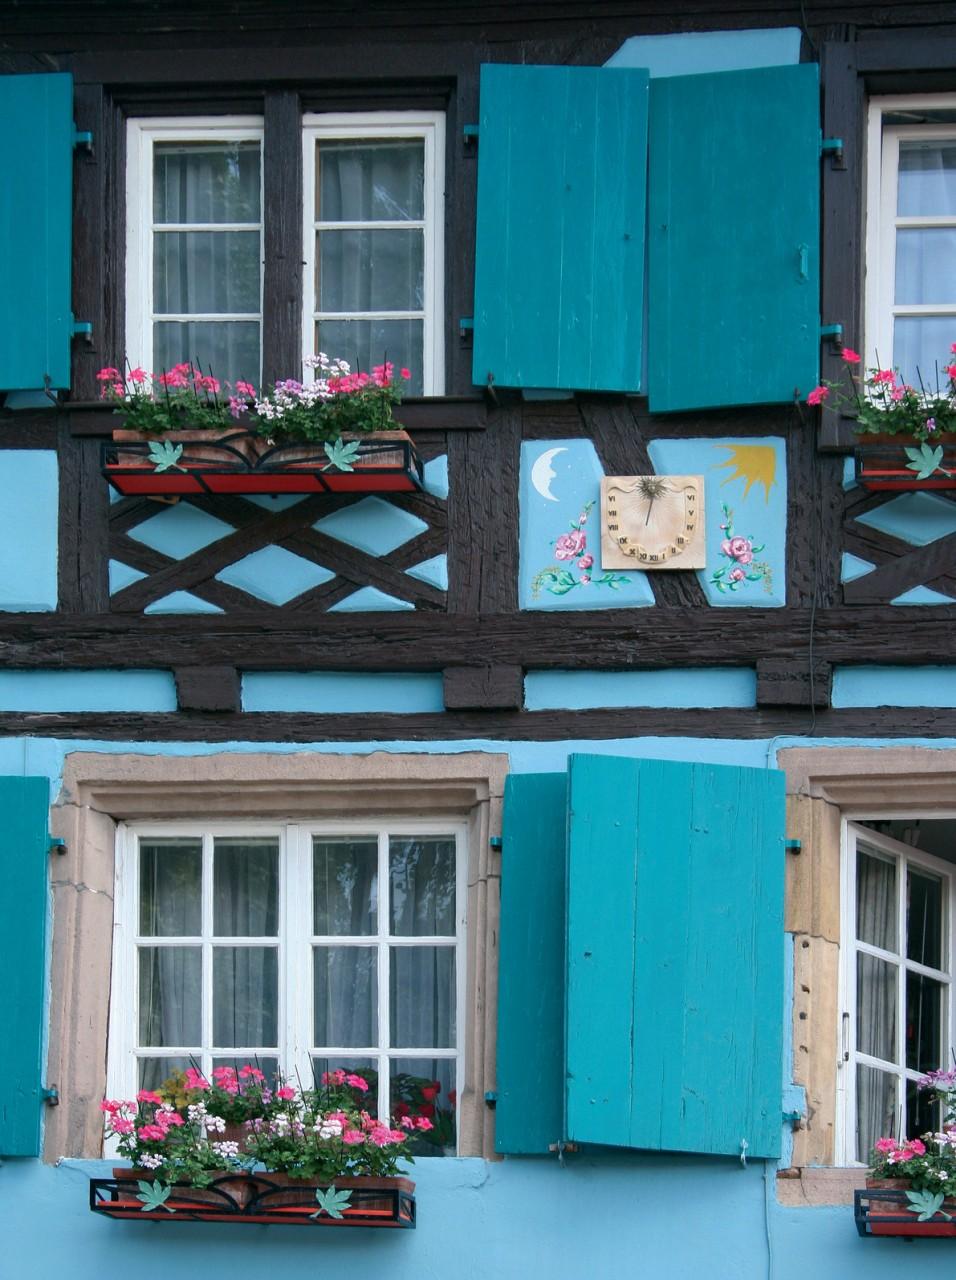 Façade alsacienne à Colmar. (© JEAN-JACQUES CORDIER - FOTOLIA))